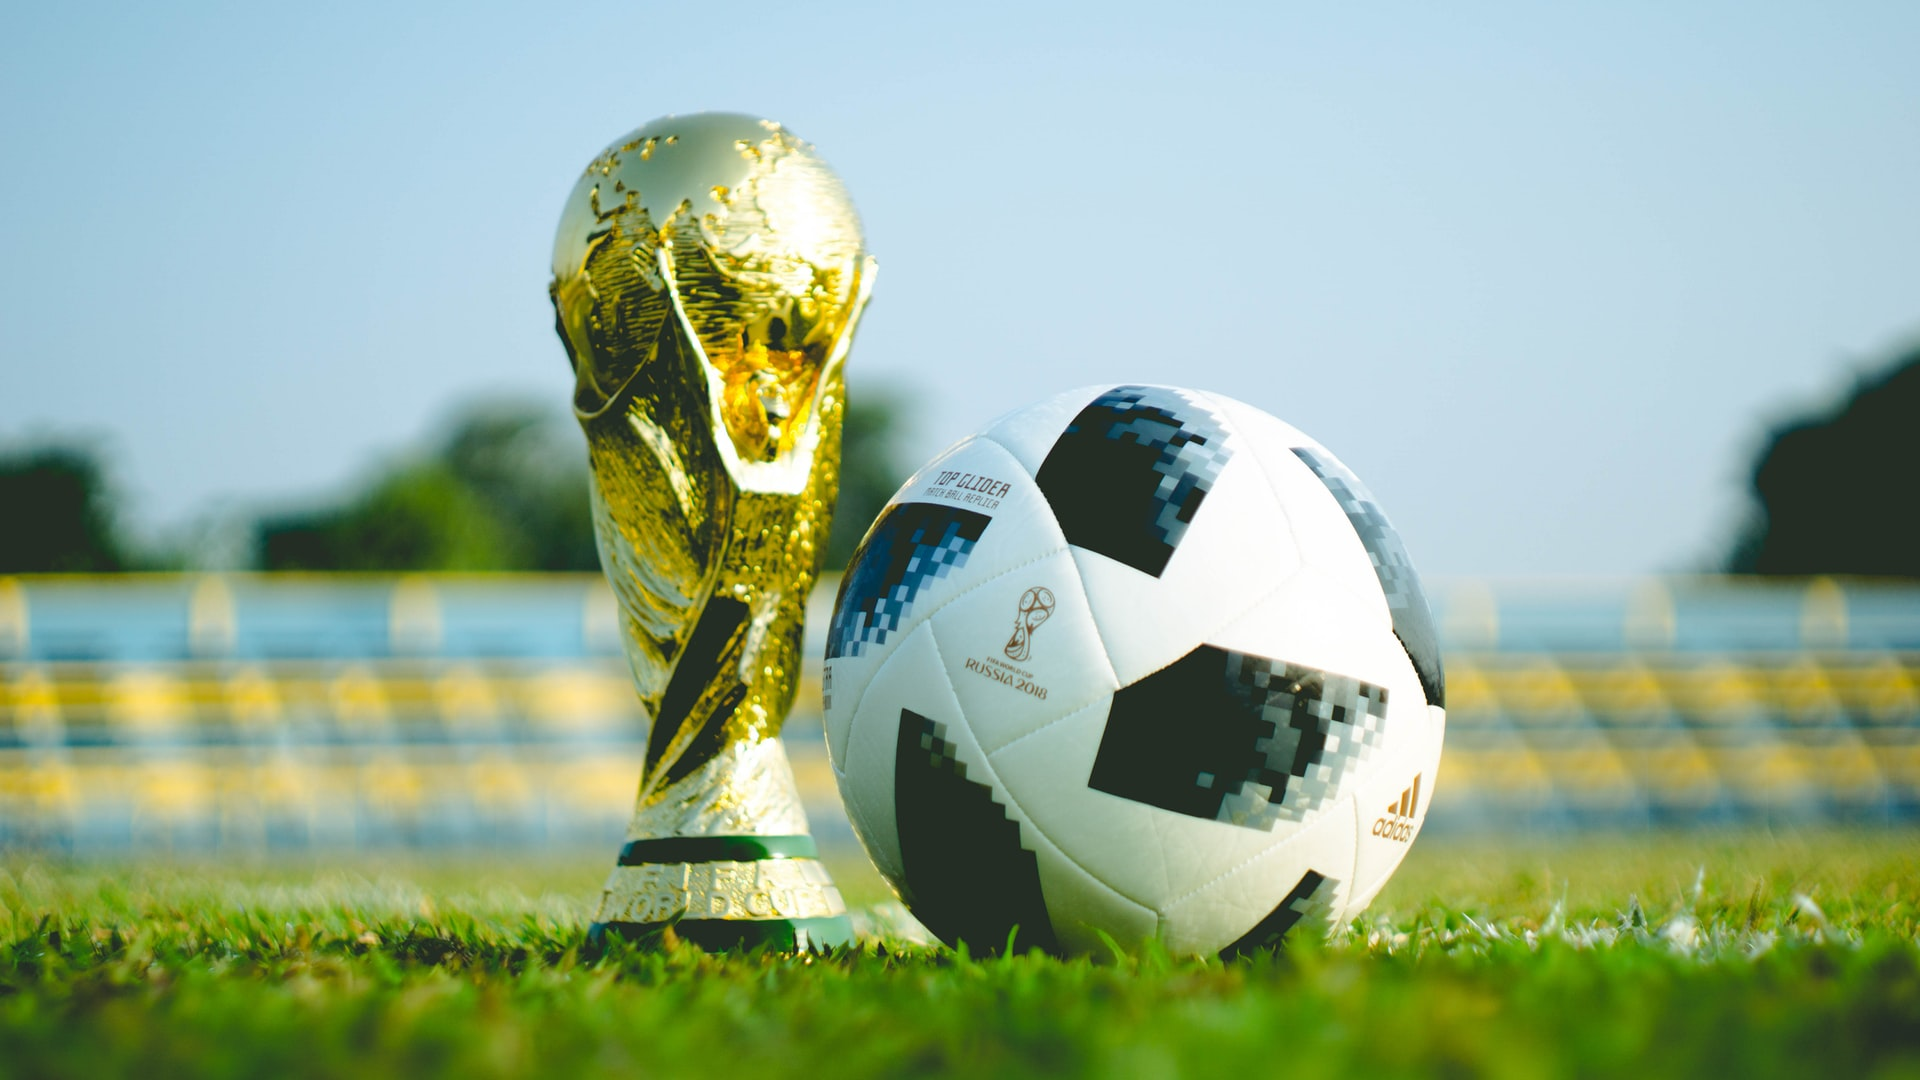 O que podemos aprender com a Selecção Portuguesa de futebol